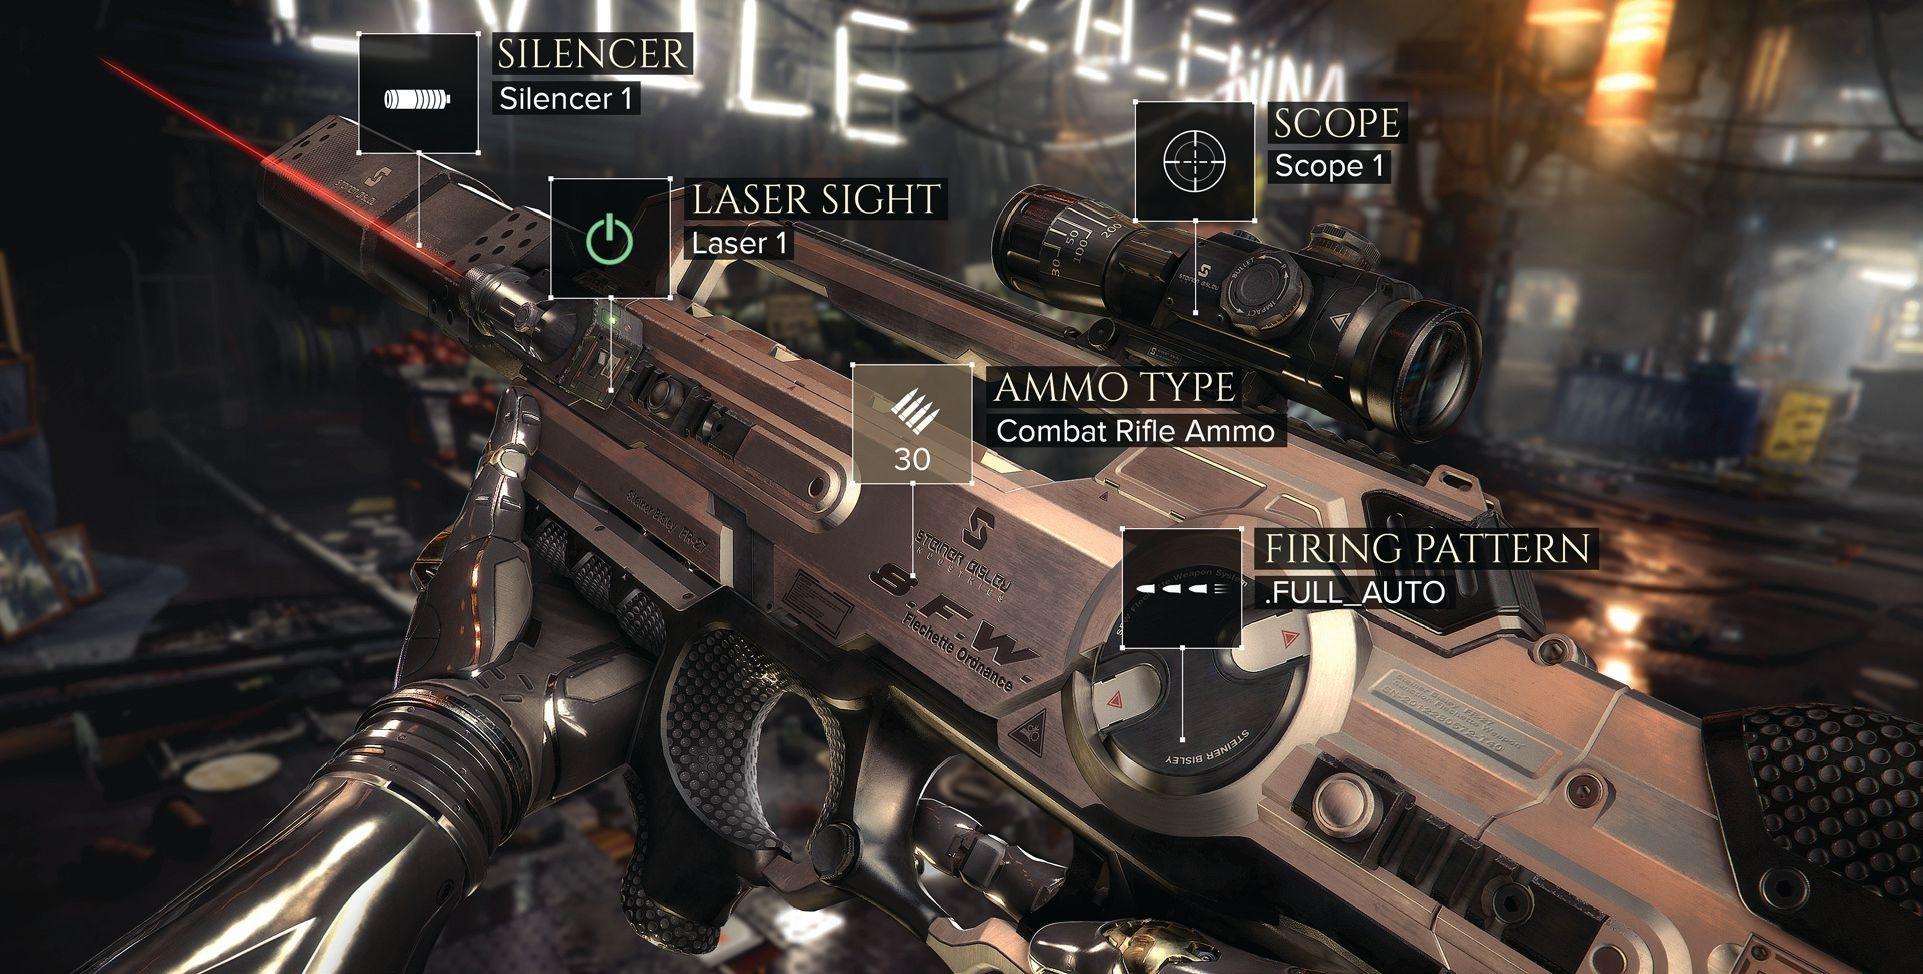 Nový Deus Ex má skutečně co dočinění s Českou republikou 107710